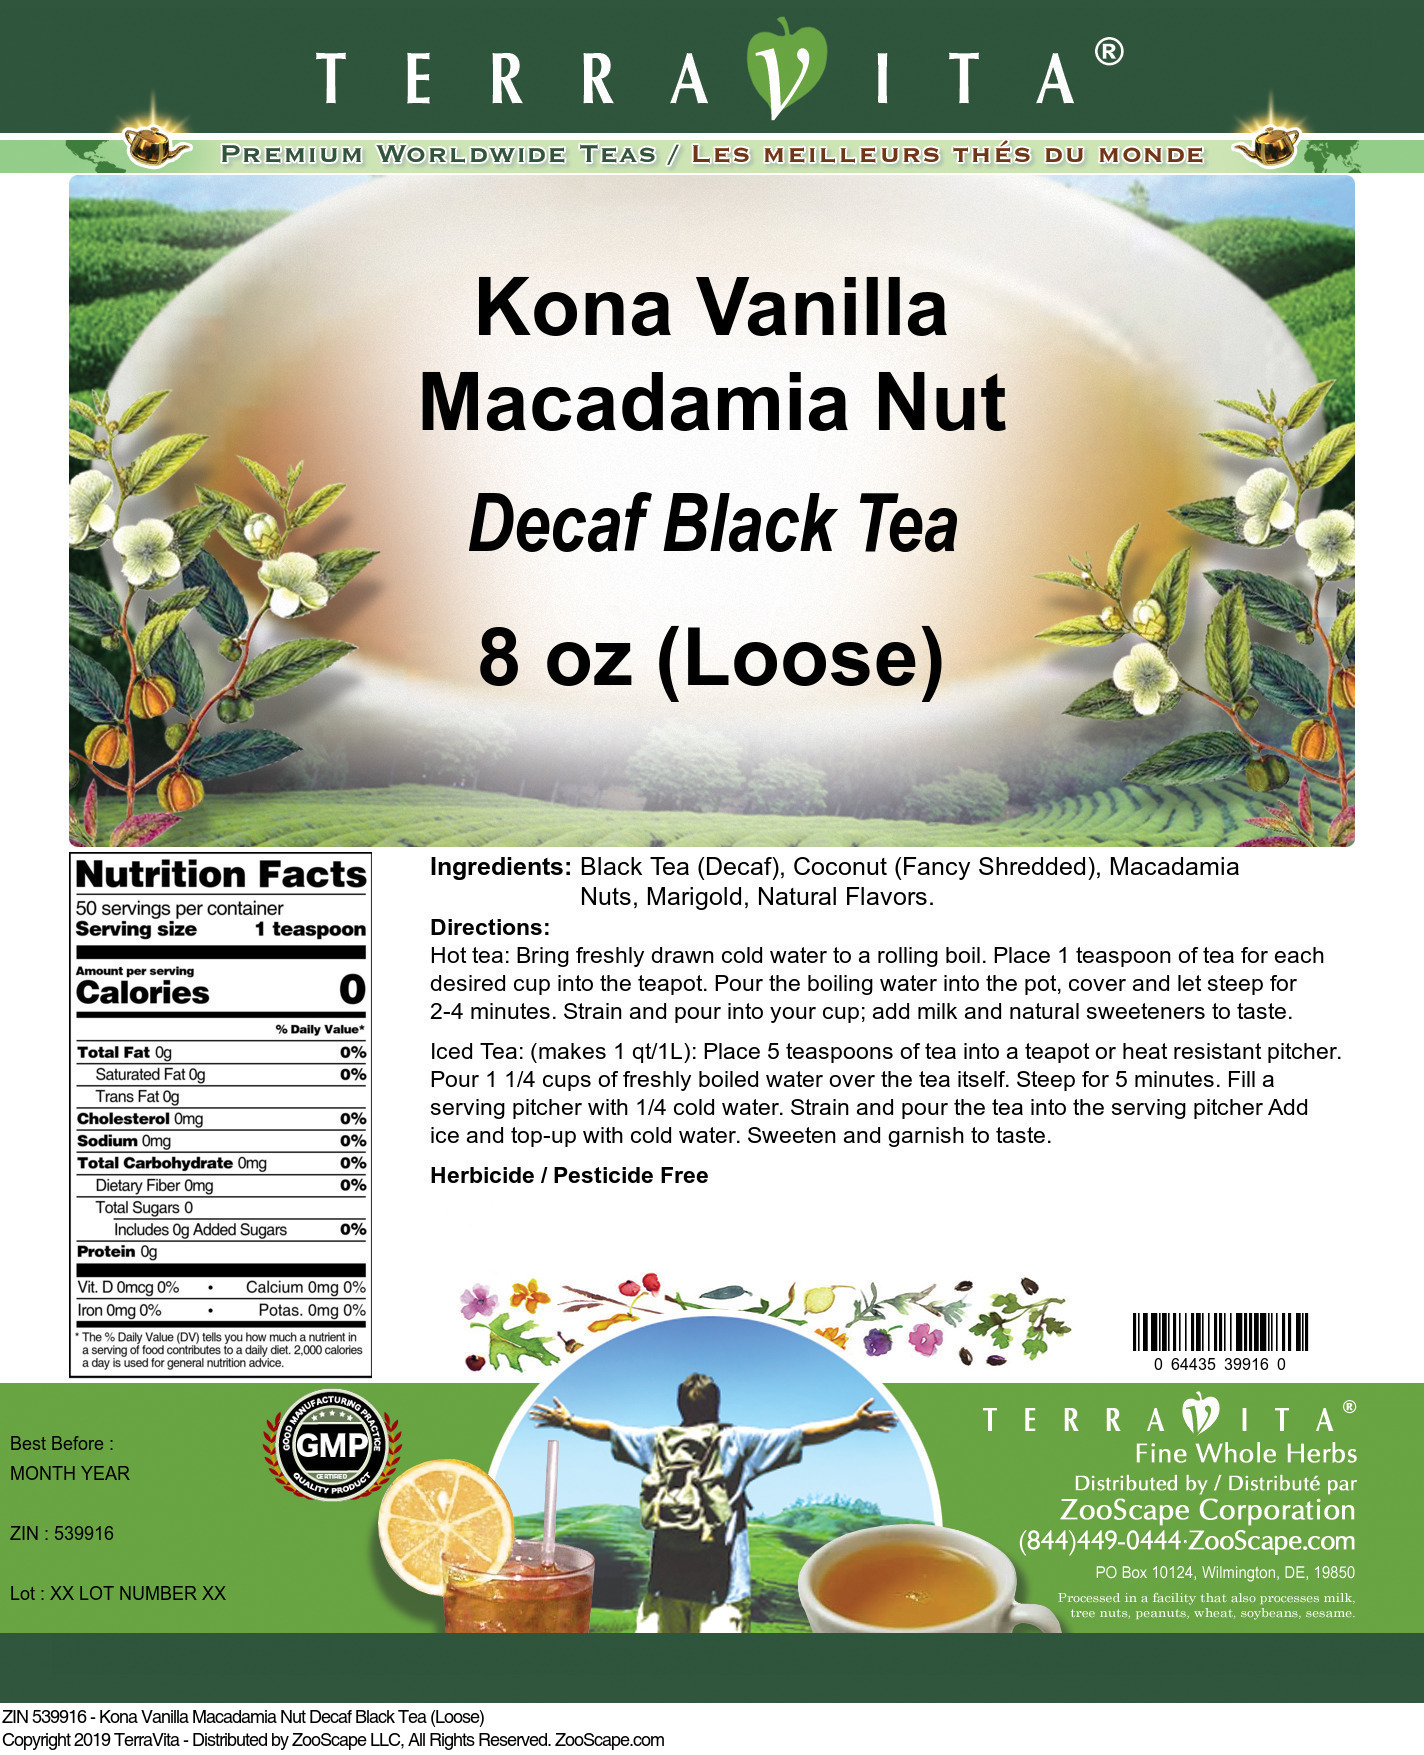 Kona Vanilla Macadamia Nut Decaf Black Tea